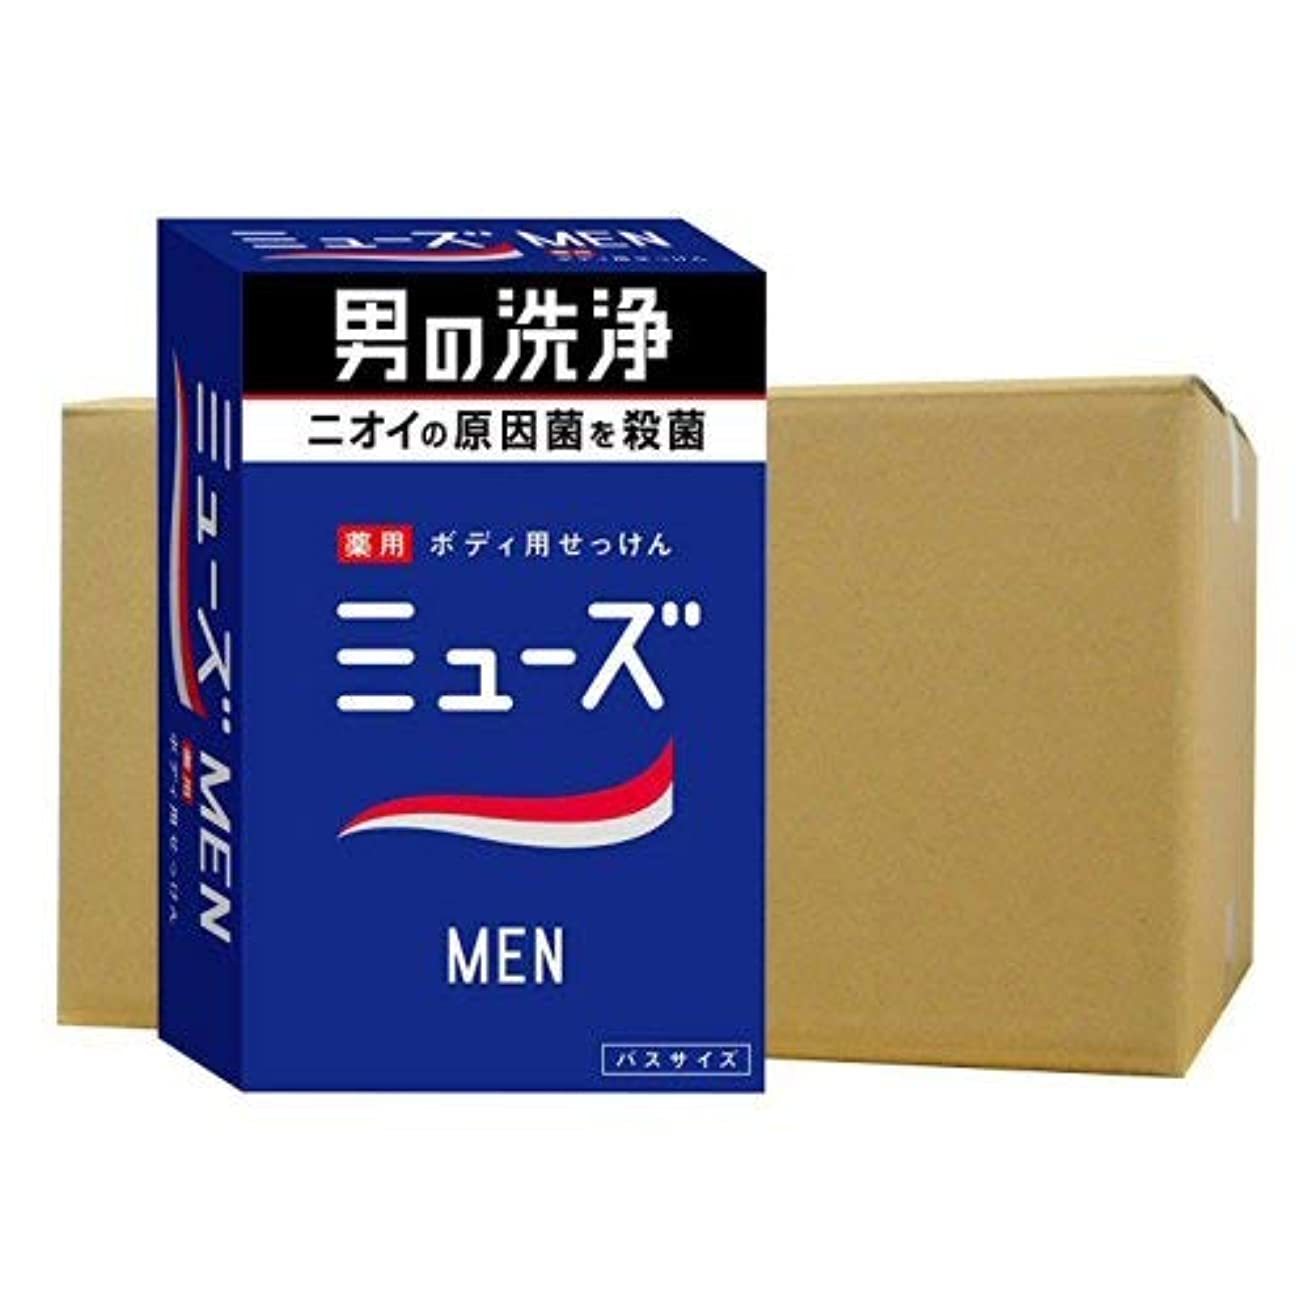 タンカー病んでいる時間とともにミューズメン薬用石鹸 135g×24個セット